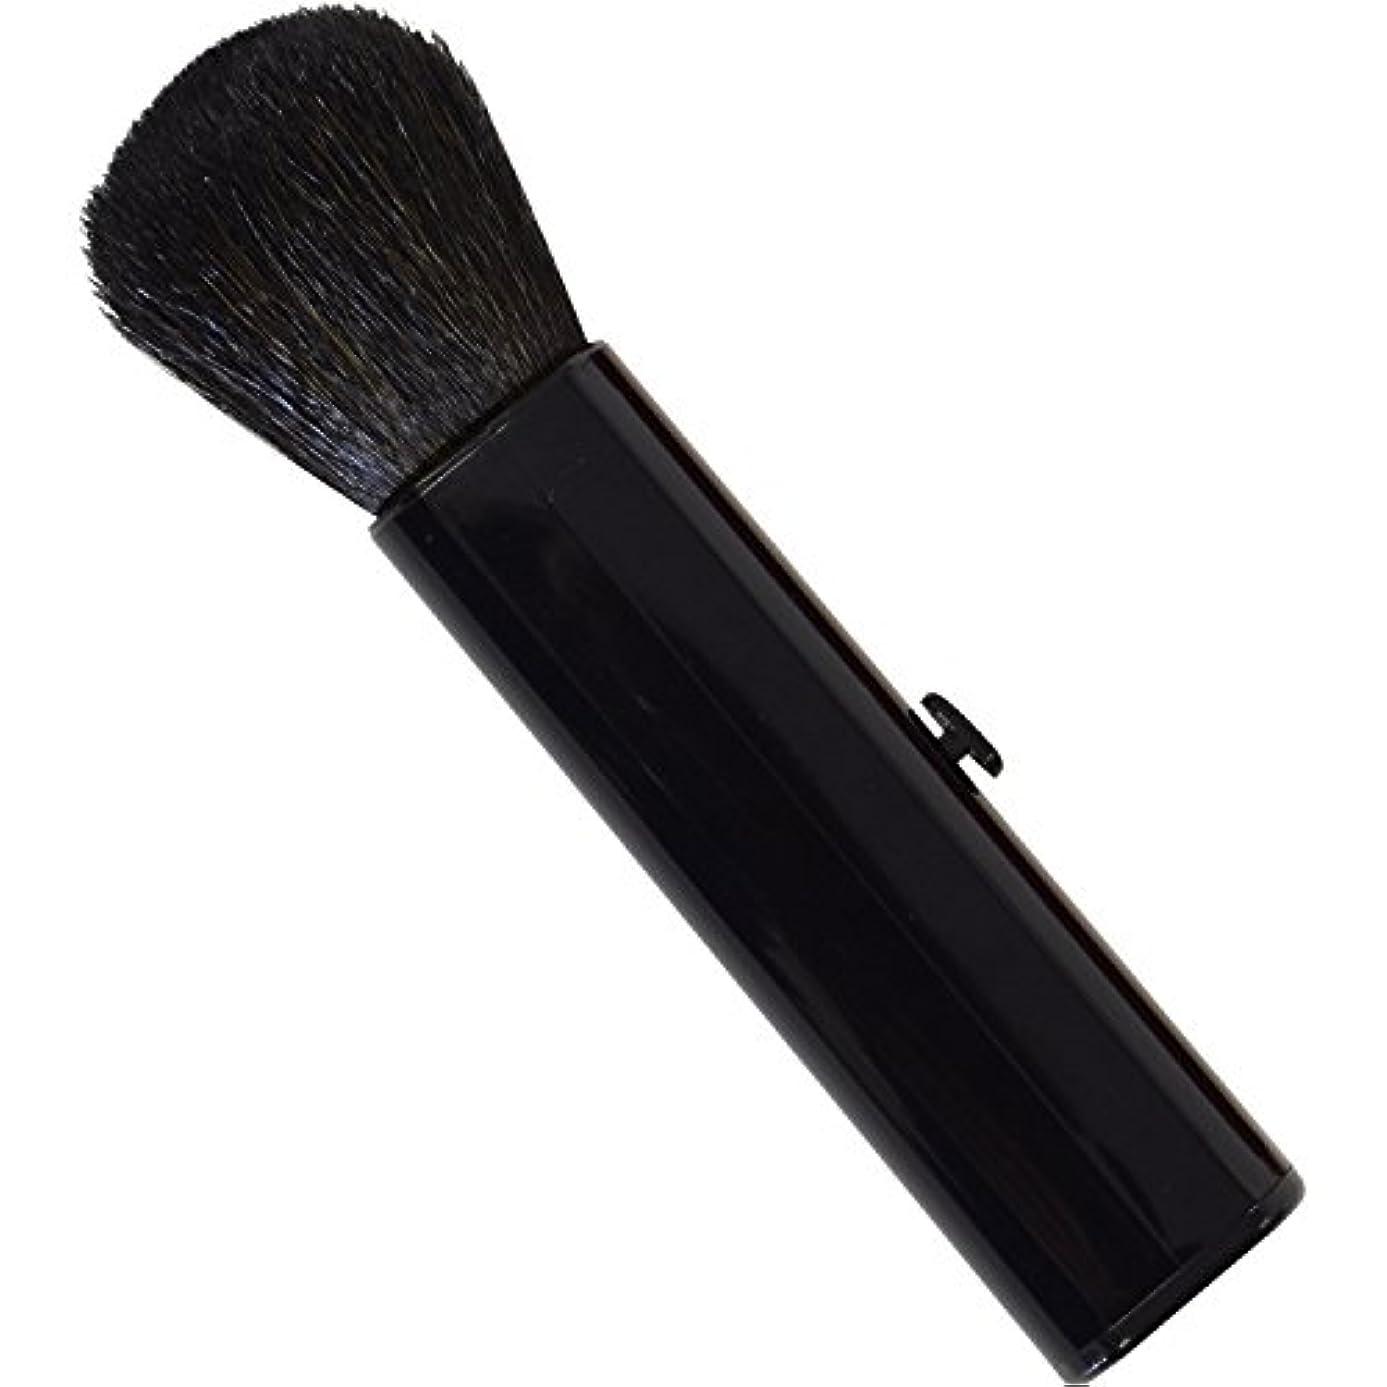 器具ブリーフケーススクラブSC-704BK 六角館さくら堂 スライドチークブラシ 黒 山羊毛100% シンプルなデザイン 便利なケース付き